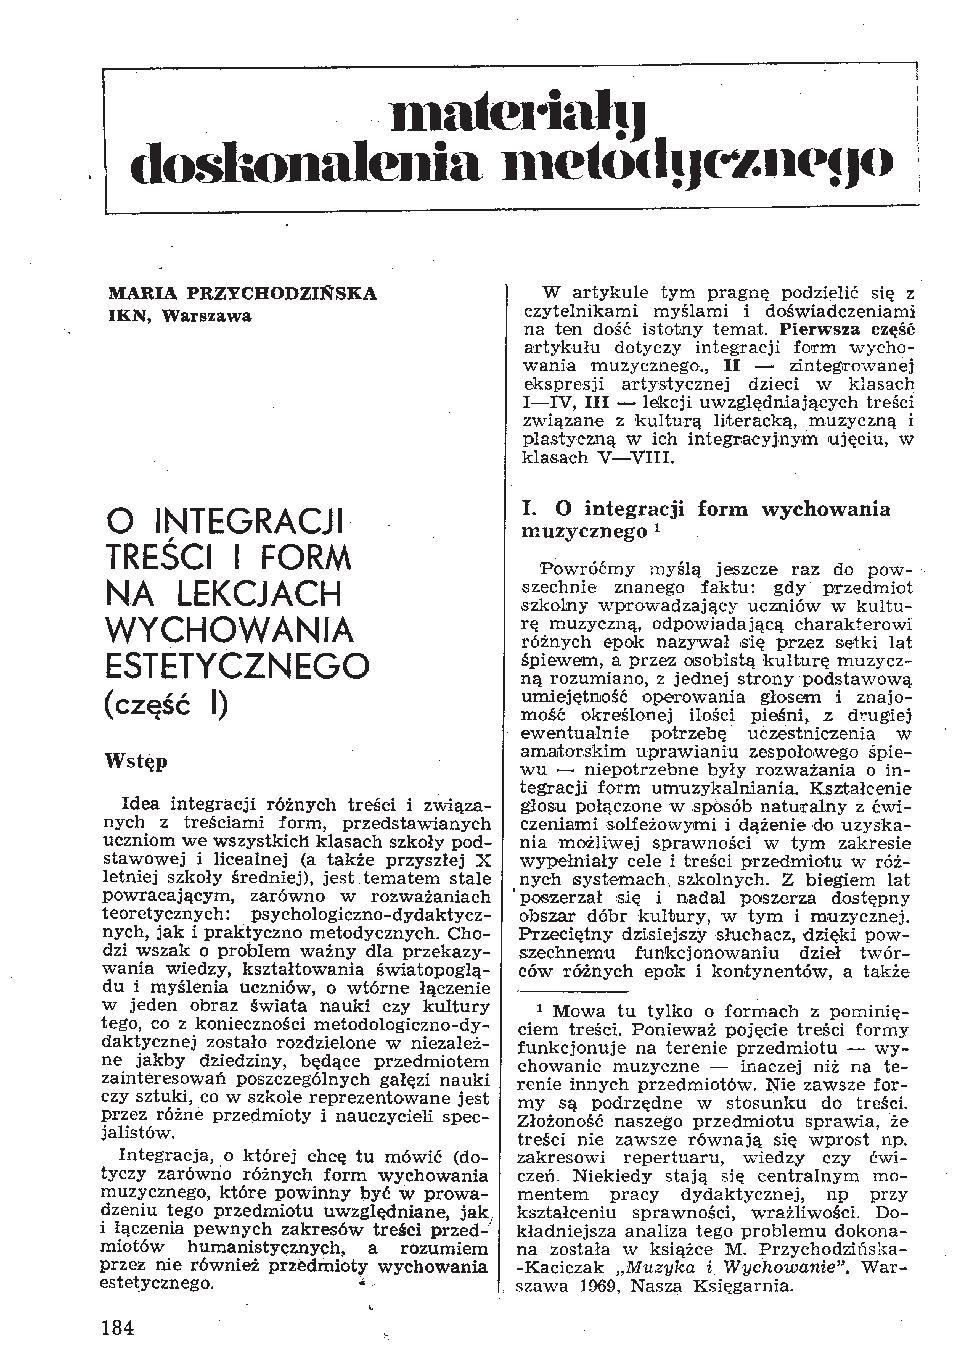 O integracji treści i form na lekcjach wychowania estetycznego (1)